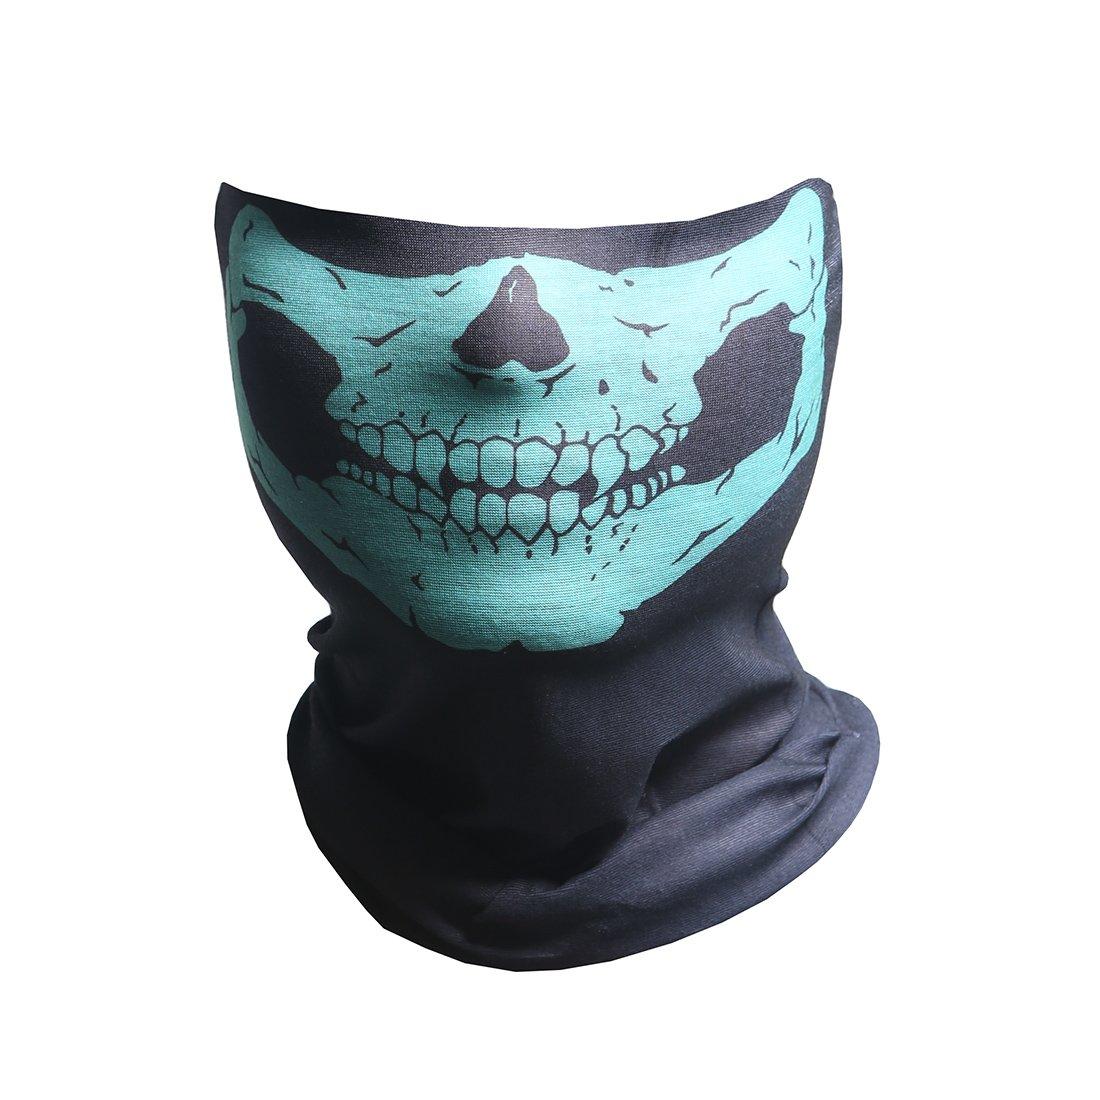 Skeleton Seamless Bandana, X Ray Skull Face Mask for Dust, Riding, Outdoors ZJDR-BK#22004